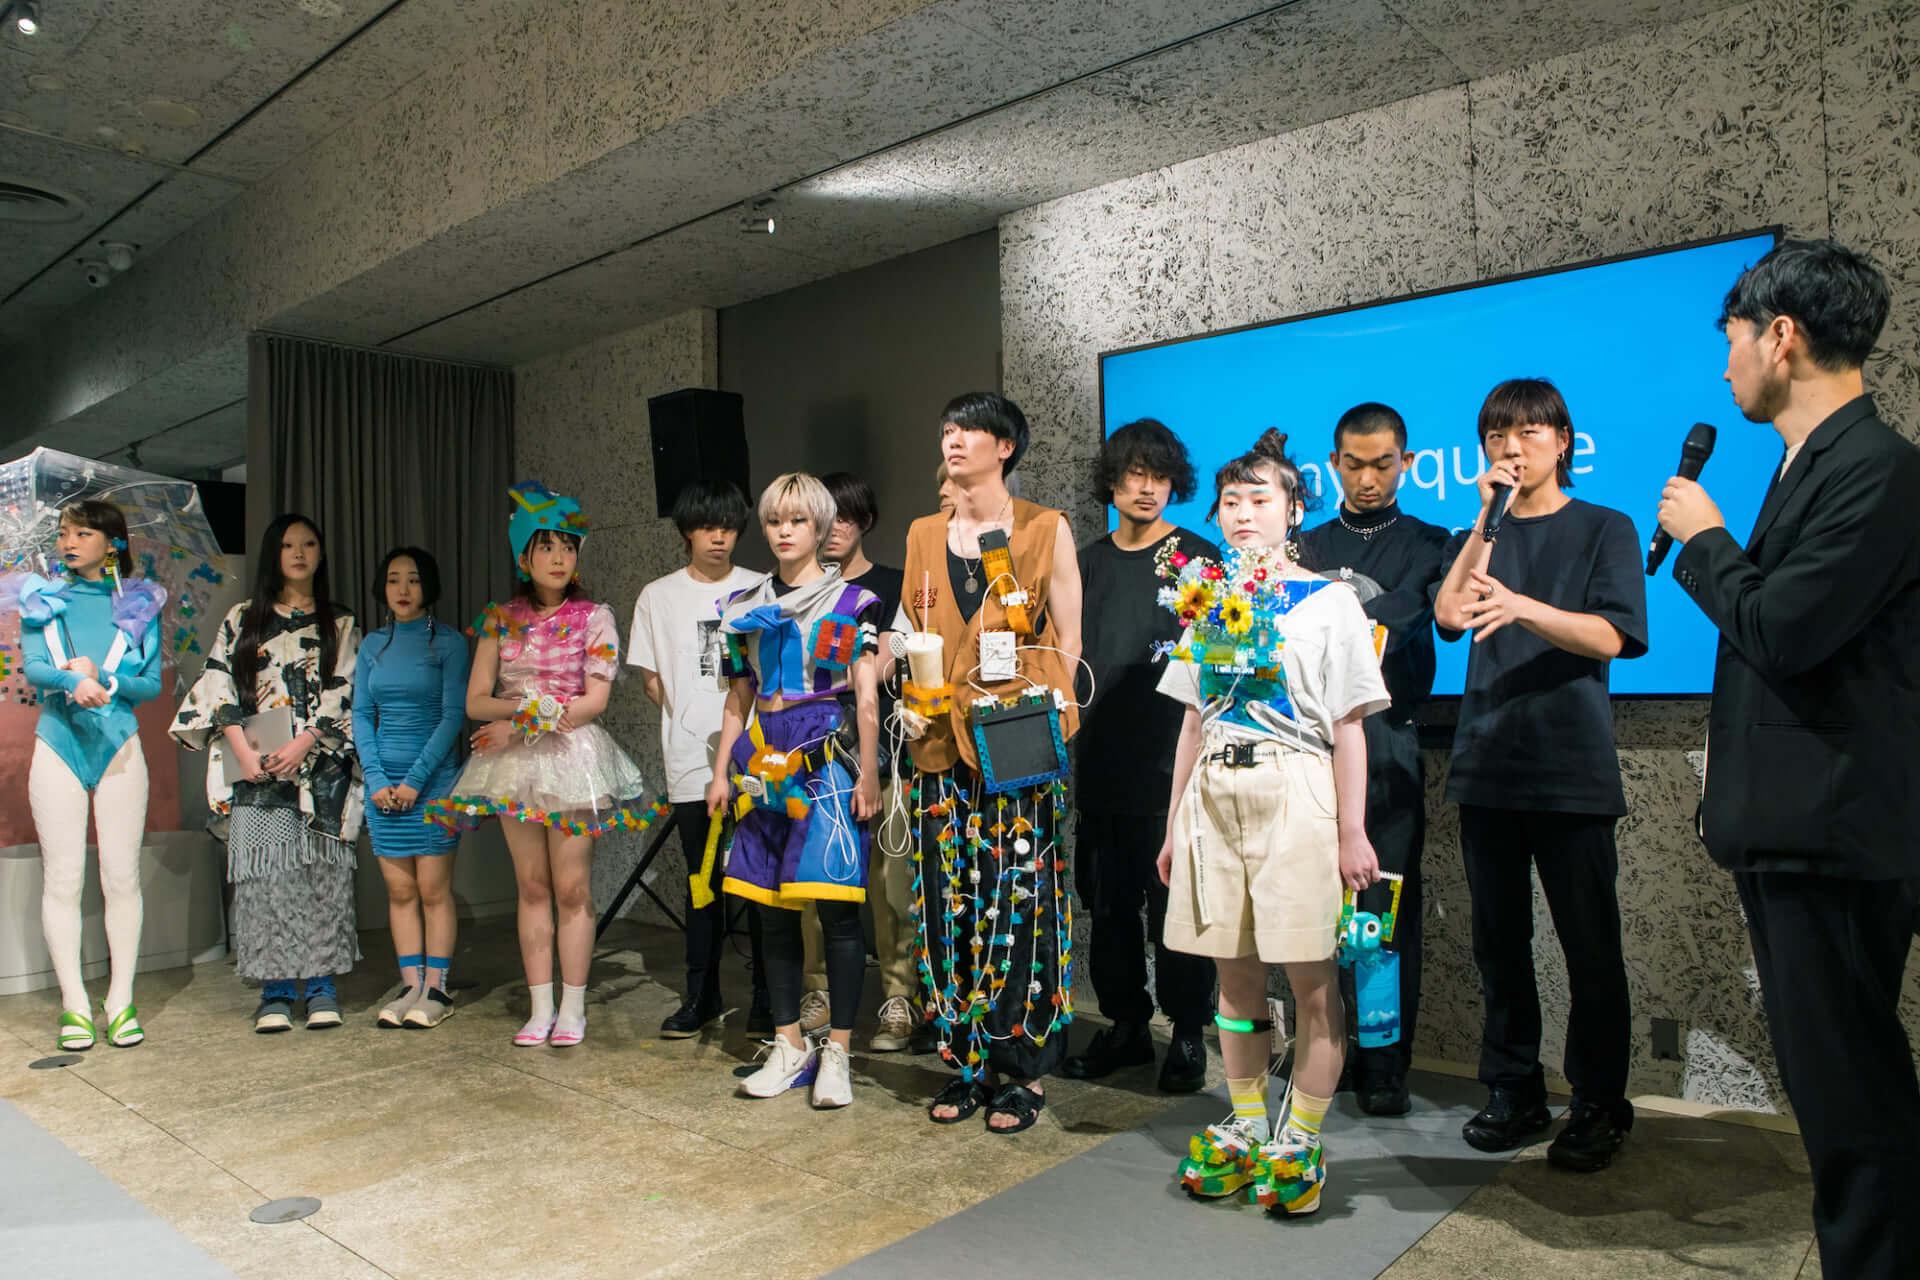 次世代クリエイターが挑戦する、ソニーのテクノロジーとファッションの可能性とは? 358A5868-1920x1280